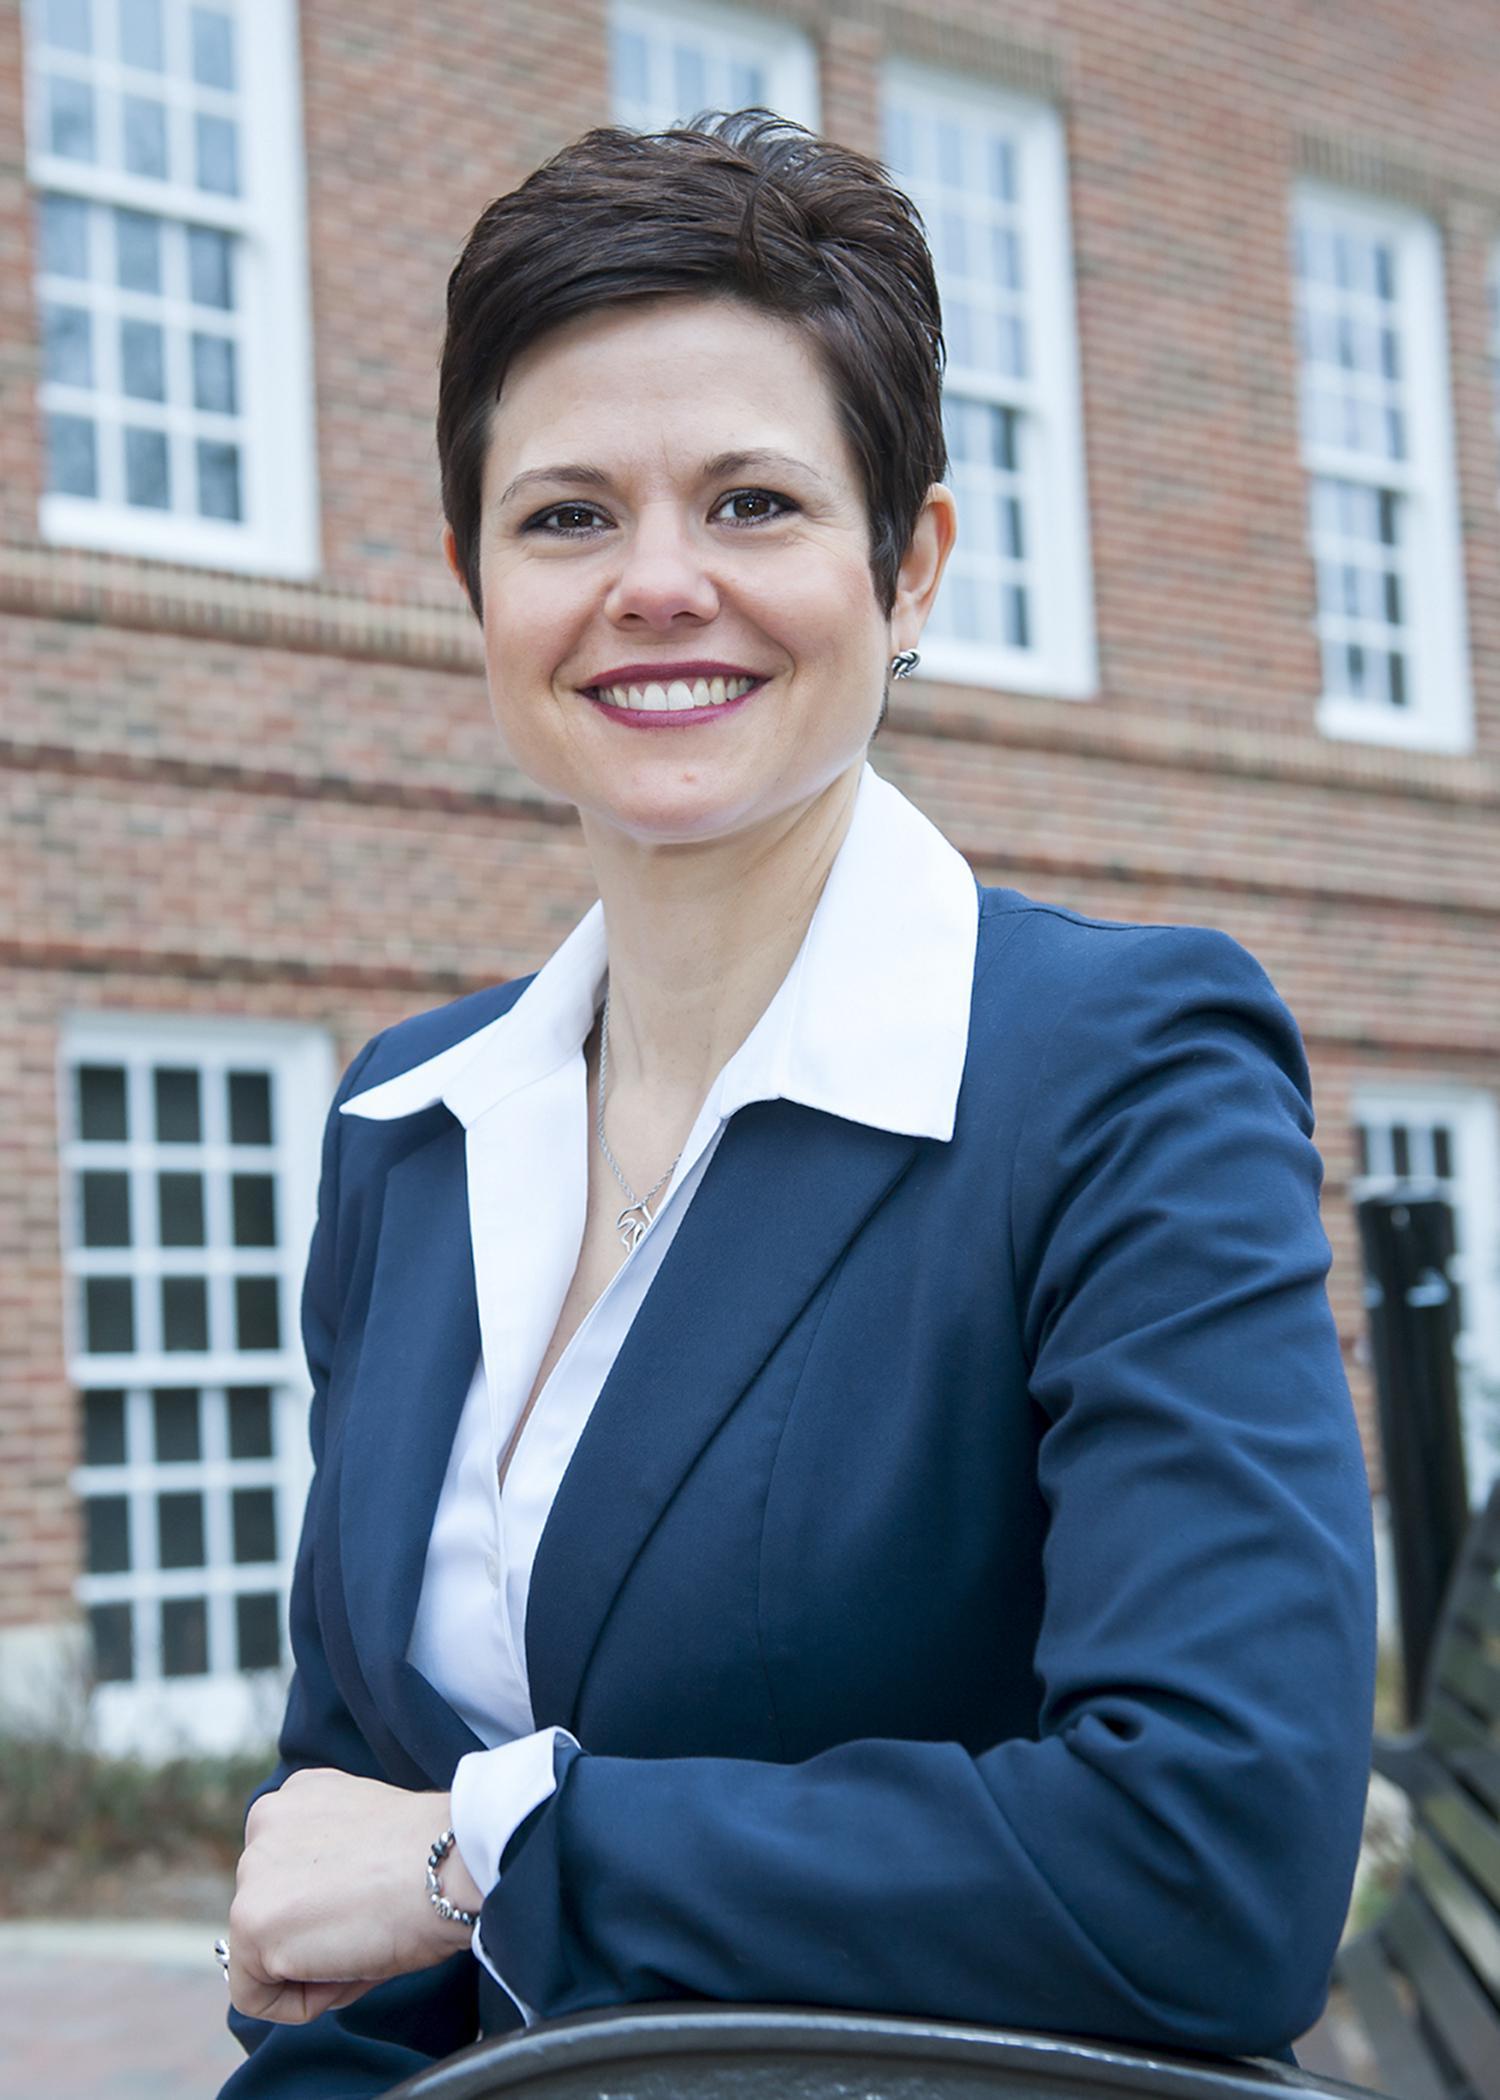 Becky Smith